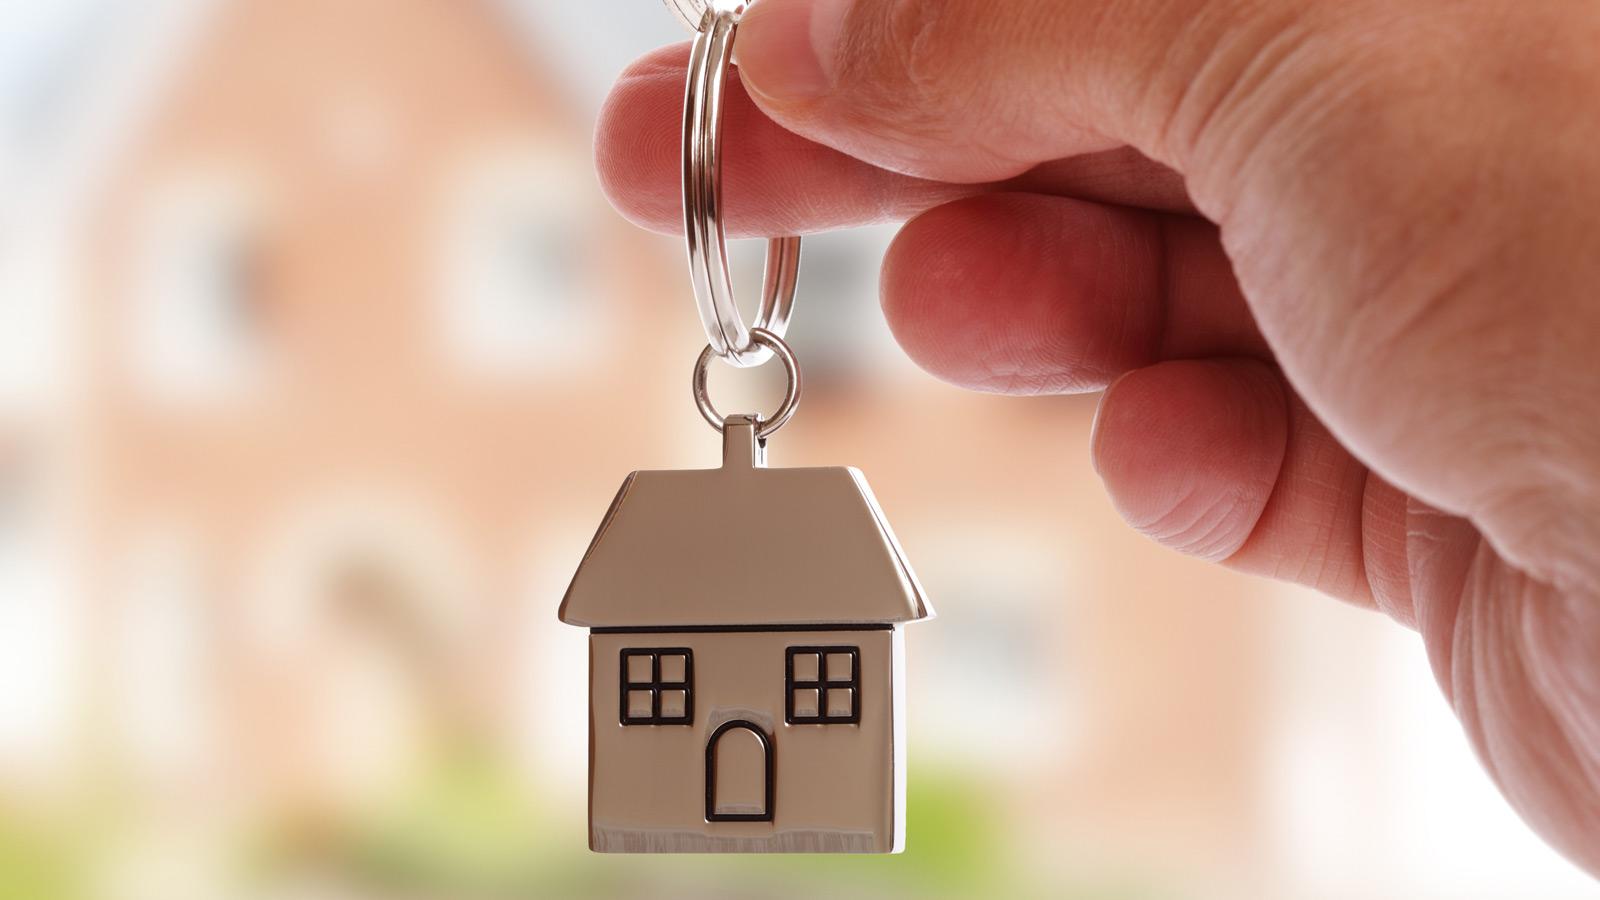 Seguros for Mejor seguro hogar ocu 2017